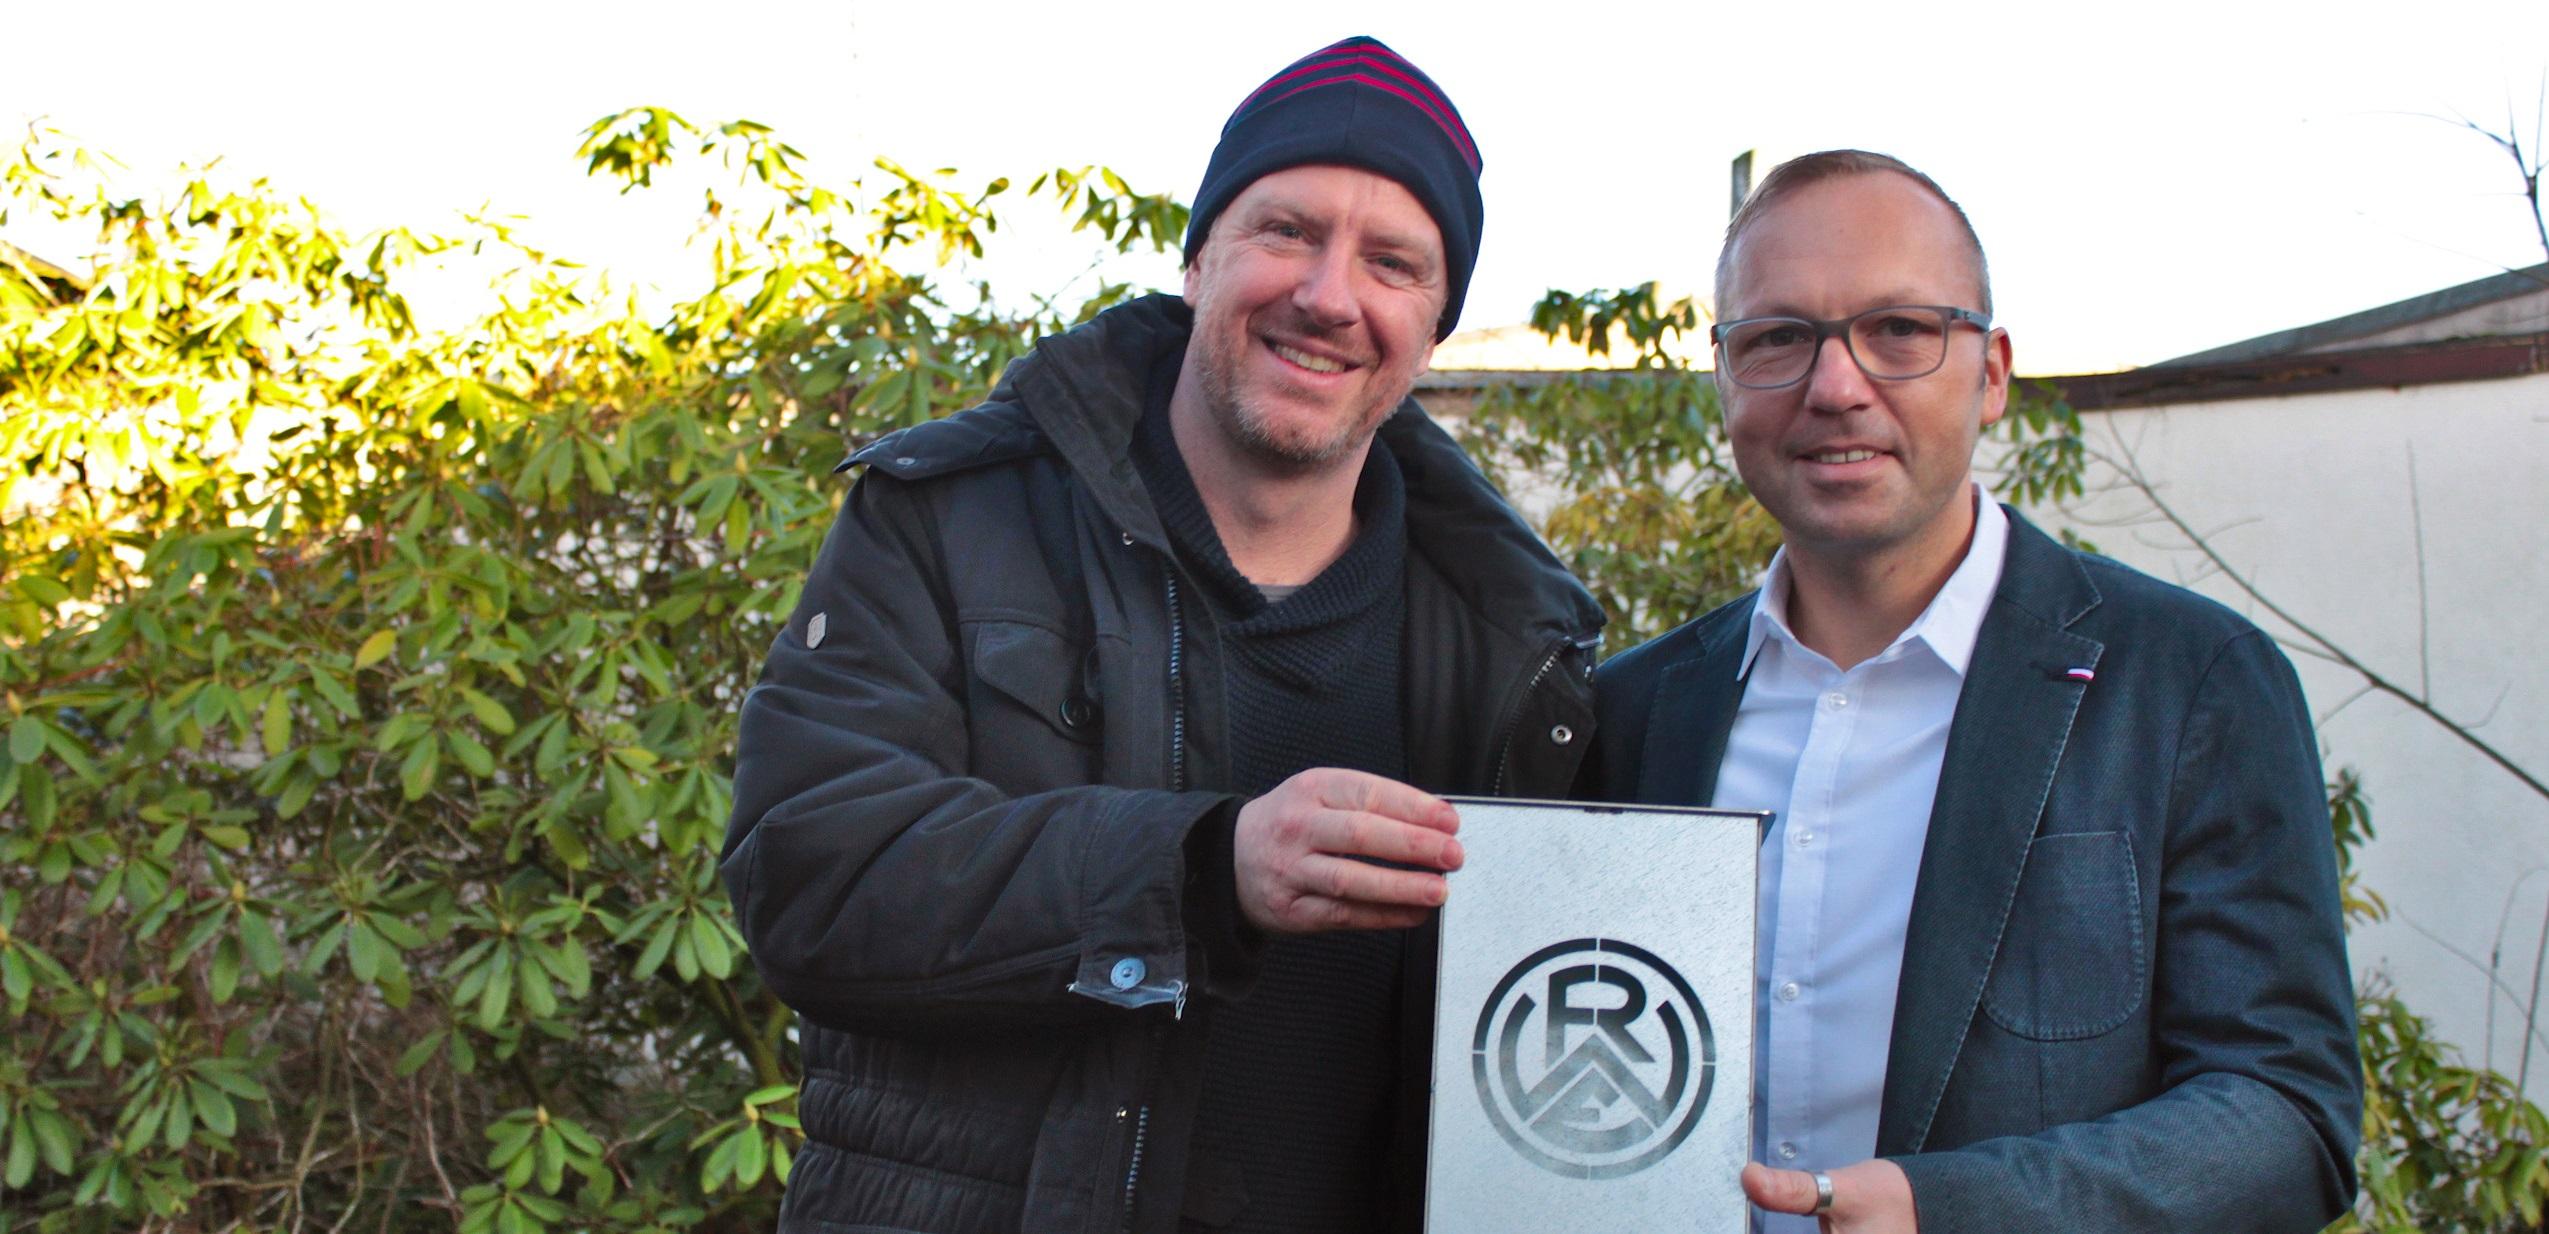 Rot-Weisse Auktion für den guten Zweck: Tani Capitain (li.), Leiter der Essener Chancen, und Thomas Wittke, Geschäftsführer der Jugendberufshilfe Essen, freuen sich über die Gebote für den RWE-Deckenstrahler aus der Werkstatt der AufSteiger. (Foto: Müller/EC)